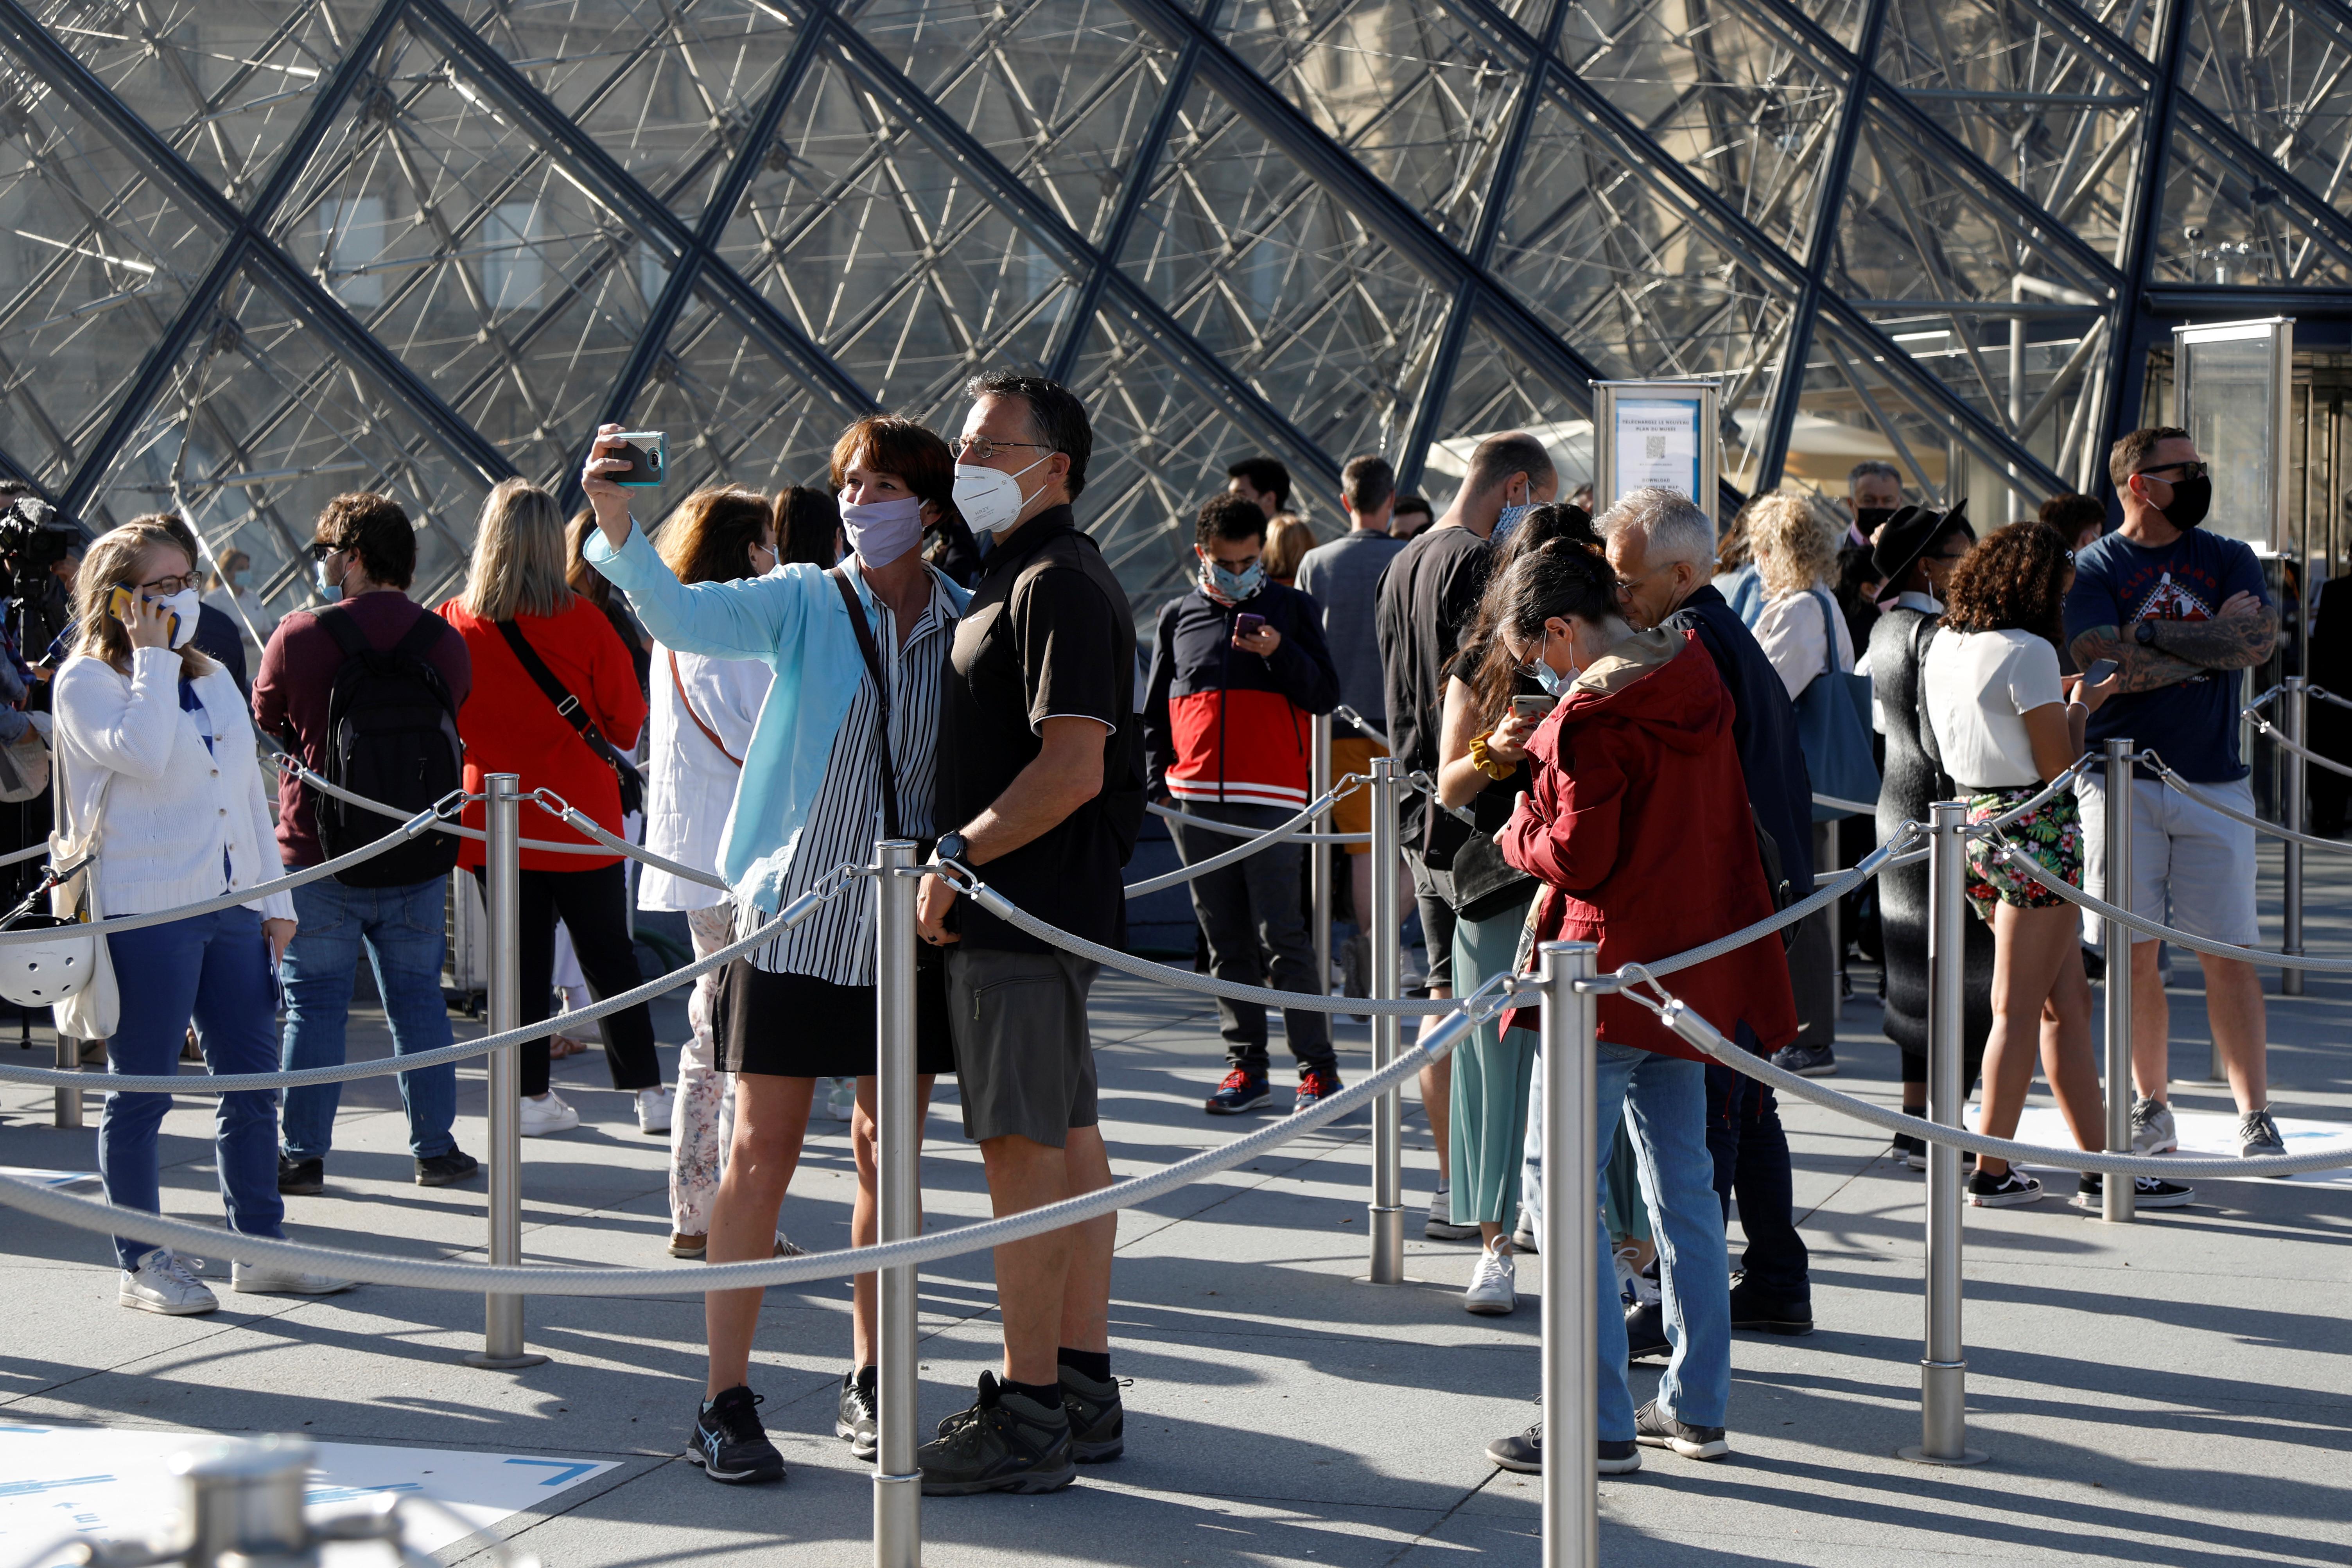 Los visitantes hacen cola frente a la Pirámide del Louvre diseñada por el arquitecto estadounidense nacido en China Ieoh Ming Pei en París mientras el museo reabre sus puertas al público después de casi 4 meses de cierre debido al brote de la enfermedad coronavirus (COVID-19) en Francia, el 6 de julio de 2020.